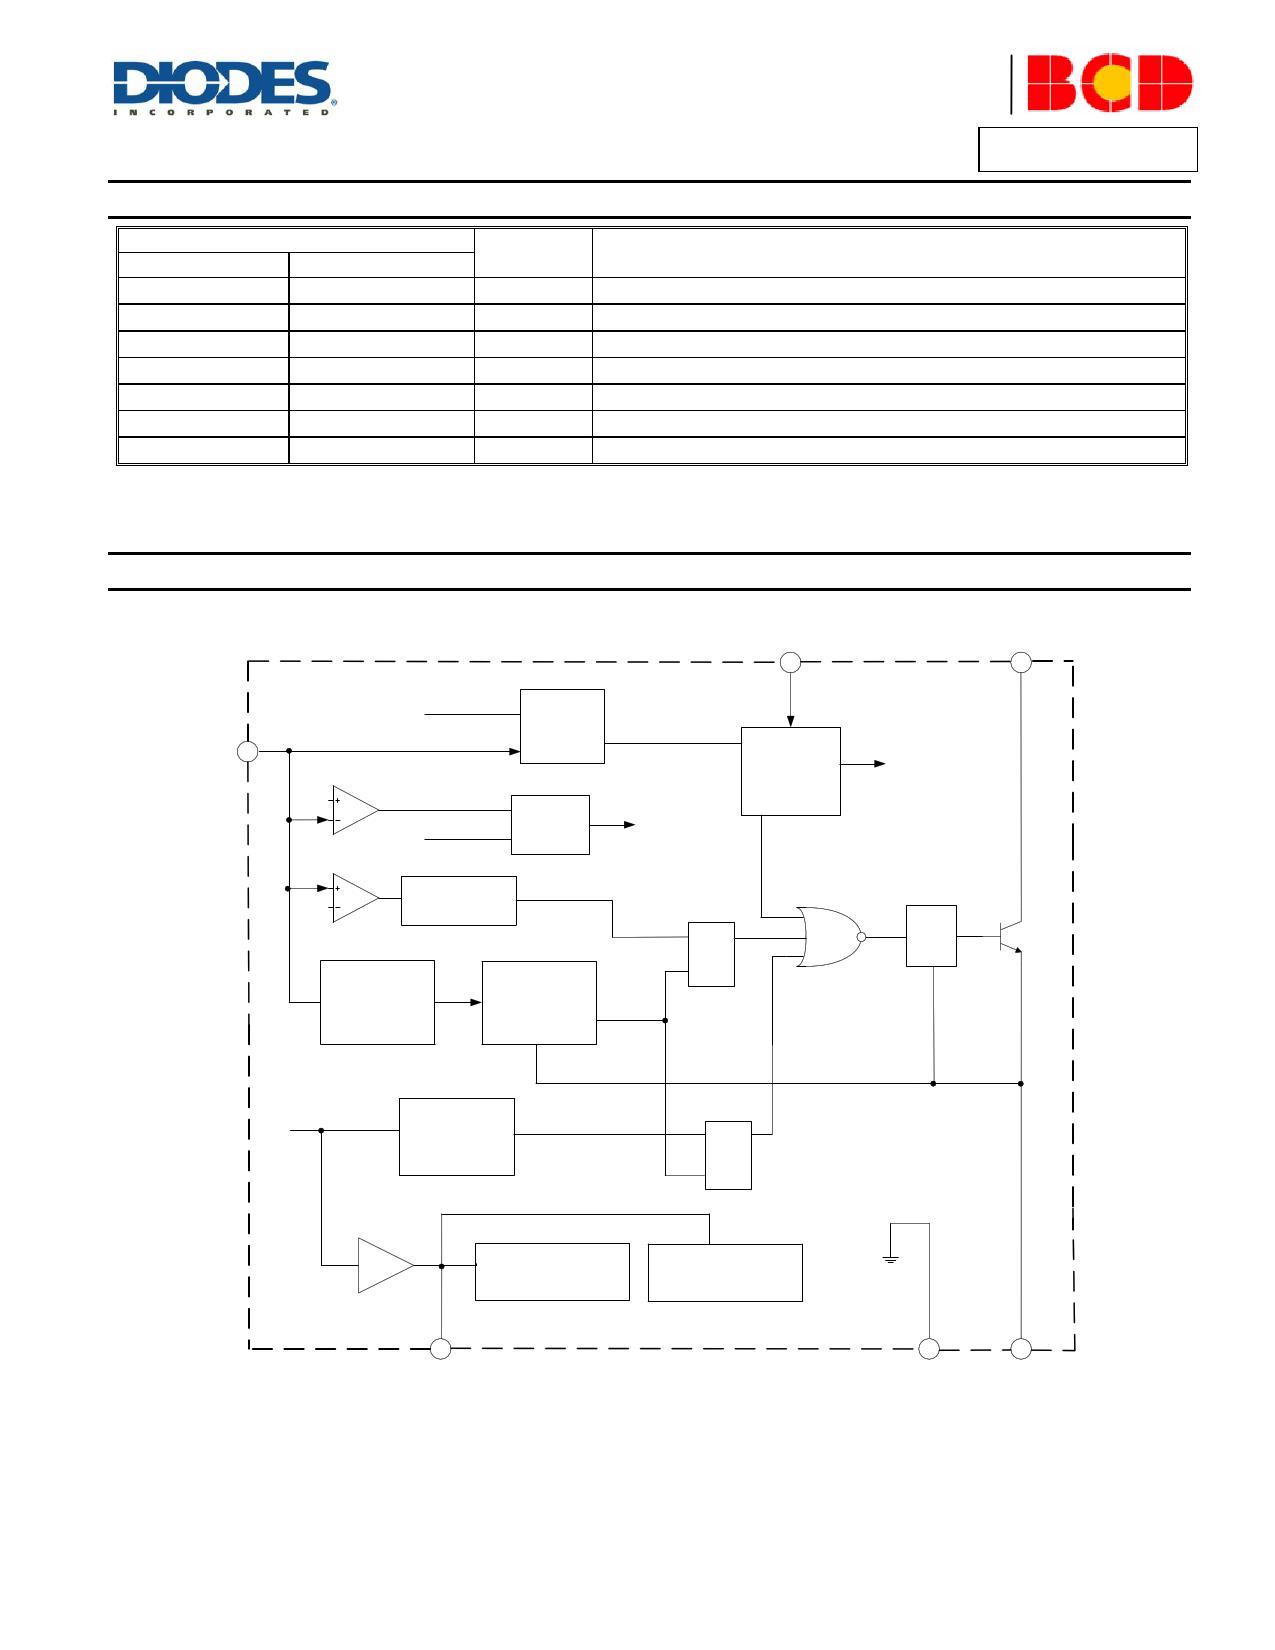 AP3970 pdf, 電子部品, 半導体, ピン配列